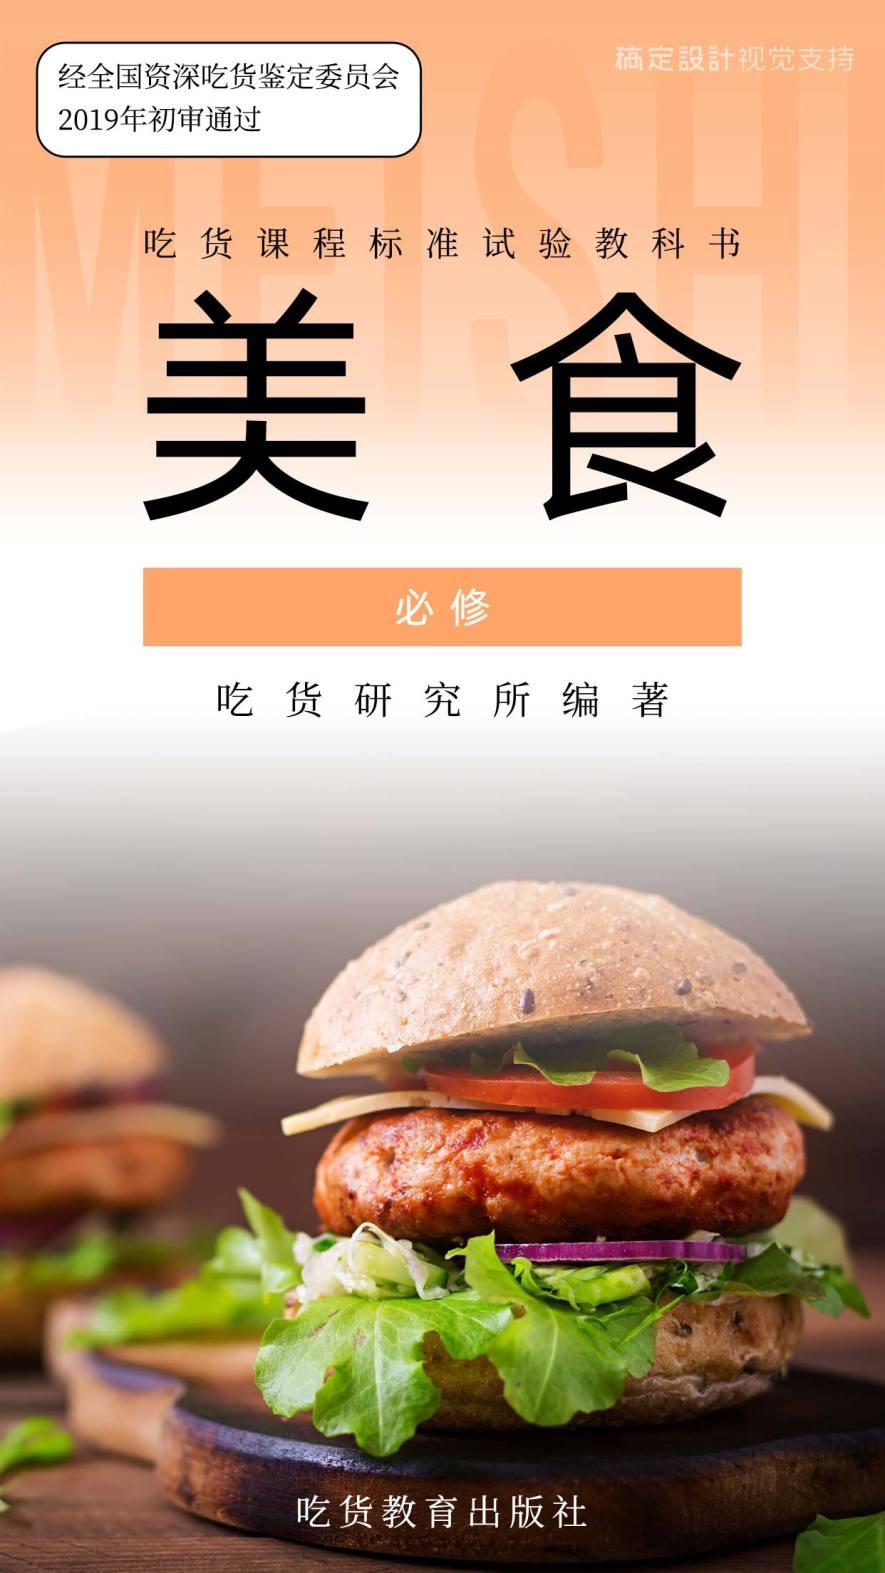 美食吃货研究所 教科书 海报